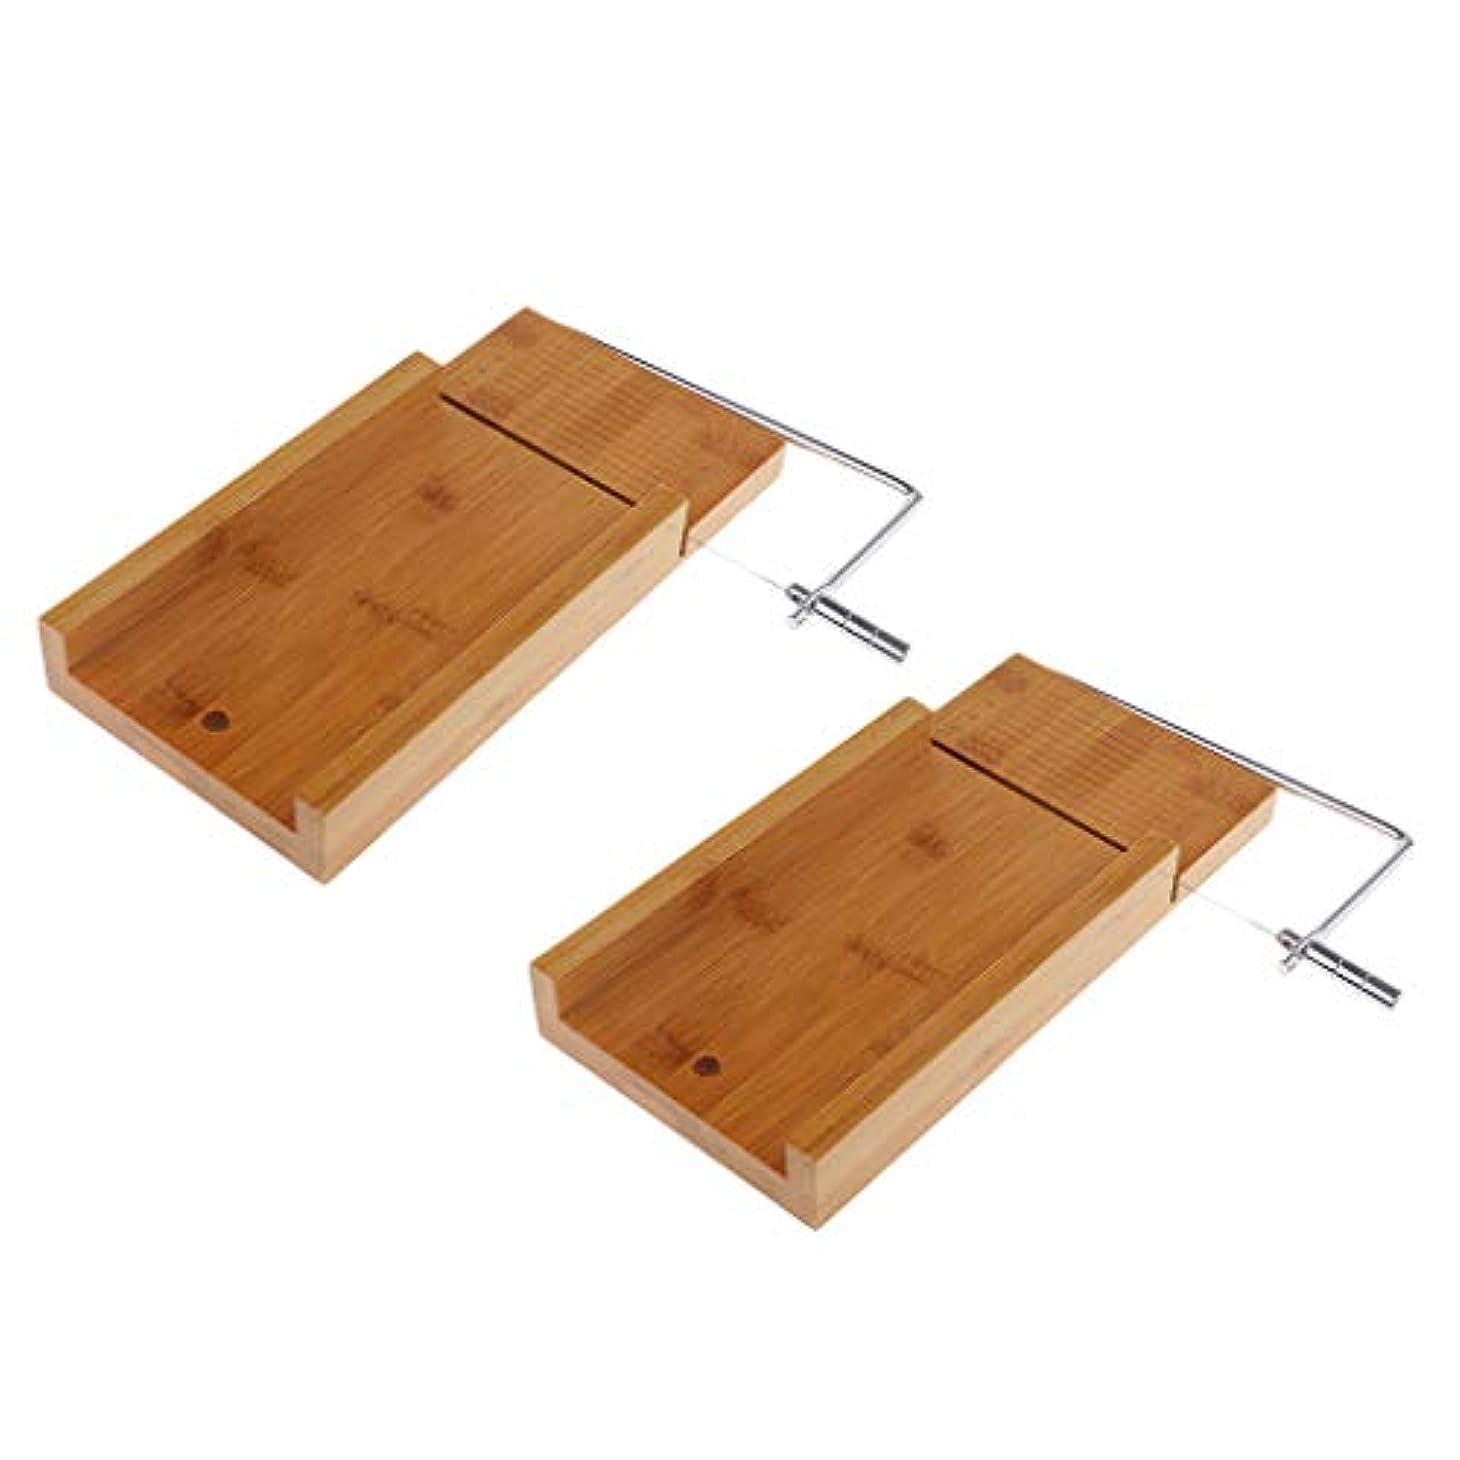 失望動力学操縦するD DOLITY ソープカッター 台 木質 チーズナイフ せっけんカッター ワイヤー ソープスライサー 2個入り